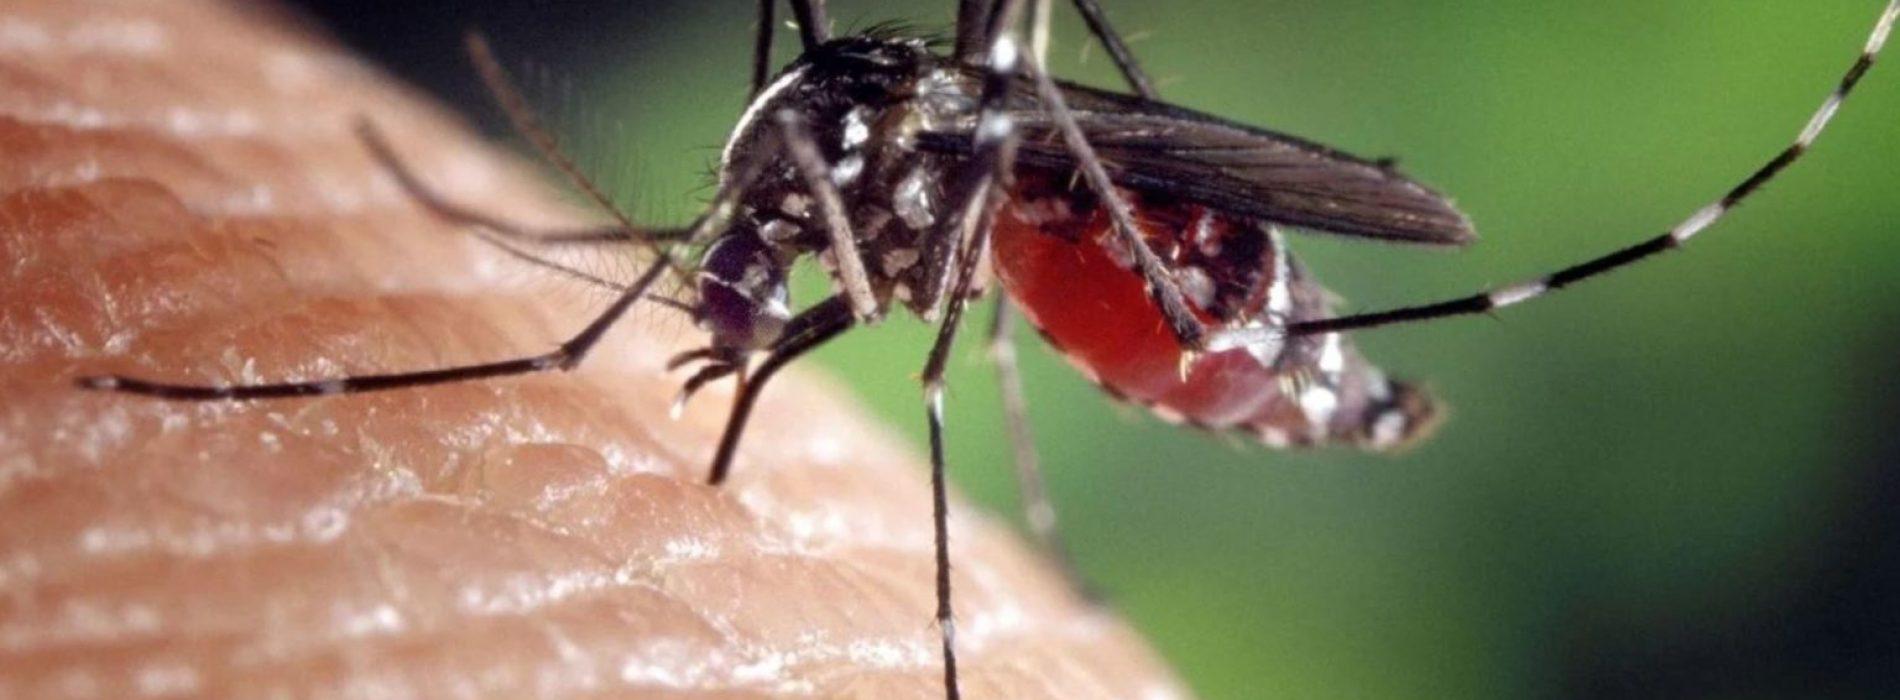 """Florida wil een miljard genetisch gemodificeerde muggen vrijlaten in  """"Nachtmerrie"""" -experiment"""